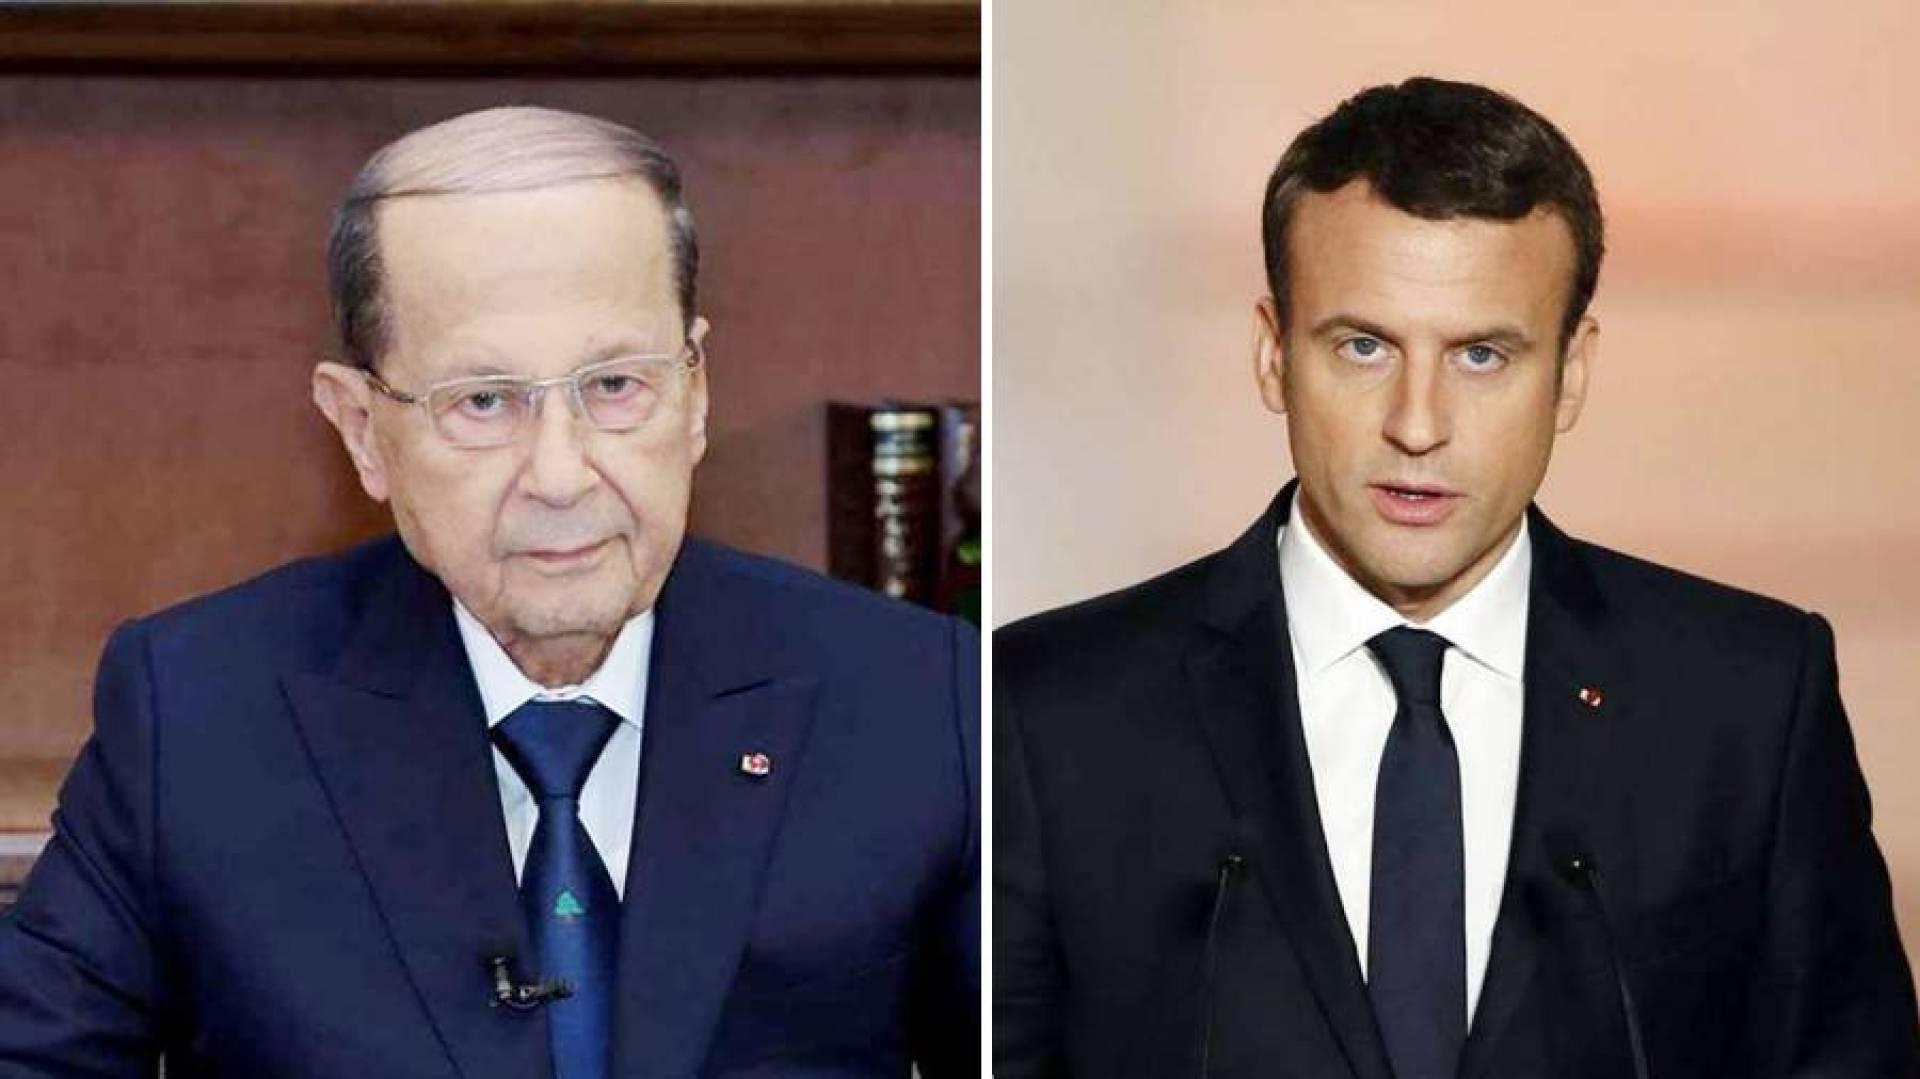 ماكرون: ضرورة المضي في جهود تشكيل حكومة لإخراج لبنان من أزمته الحالية